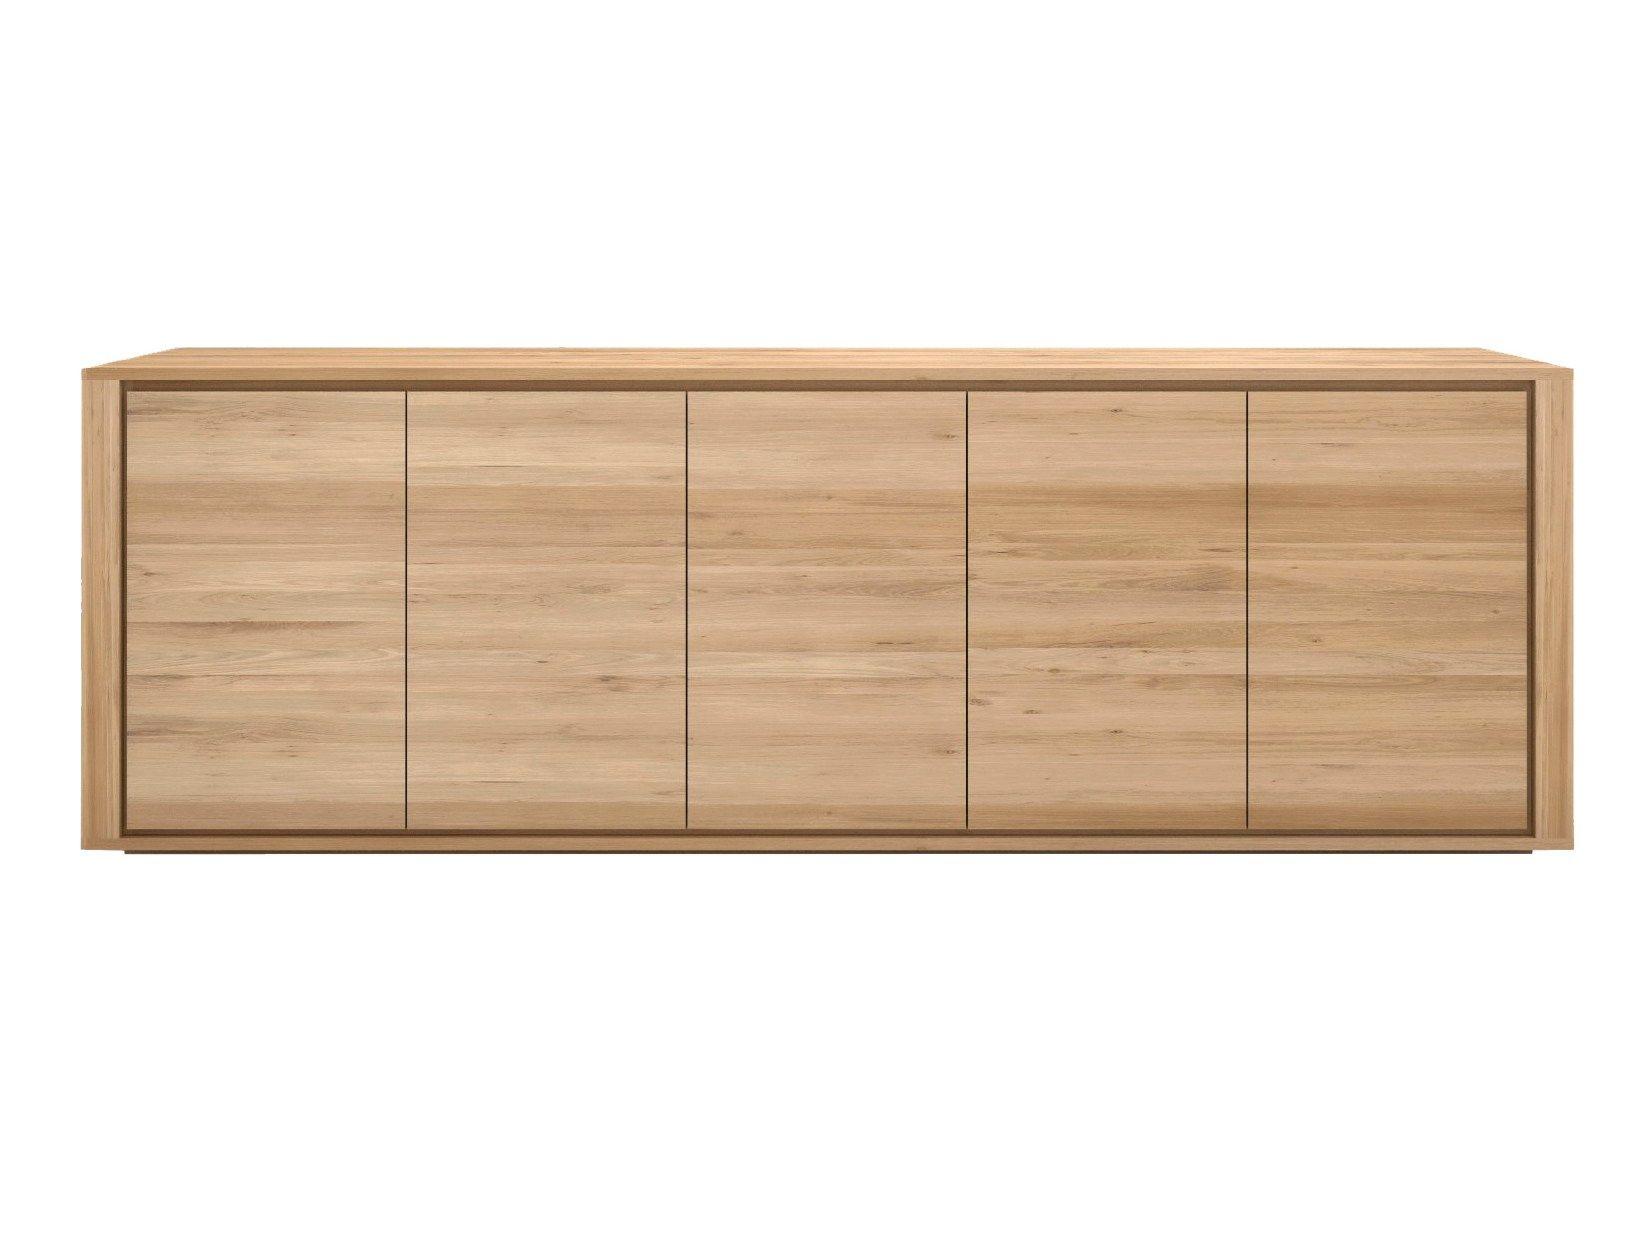 Oak shadow oak sideboard by ethnicraft for Sideboard 250 cm